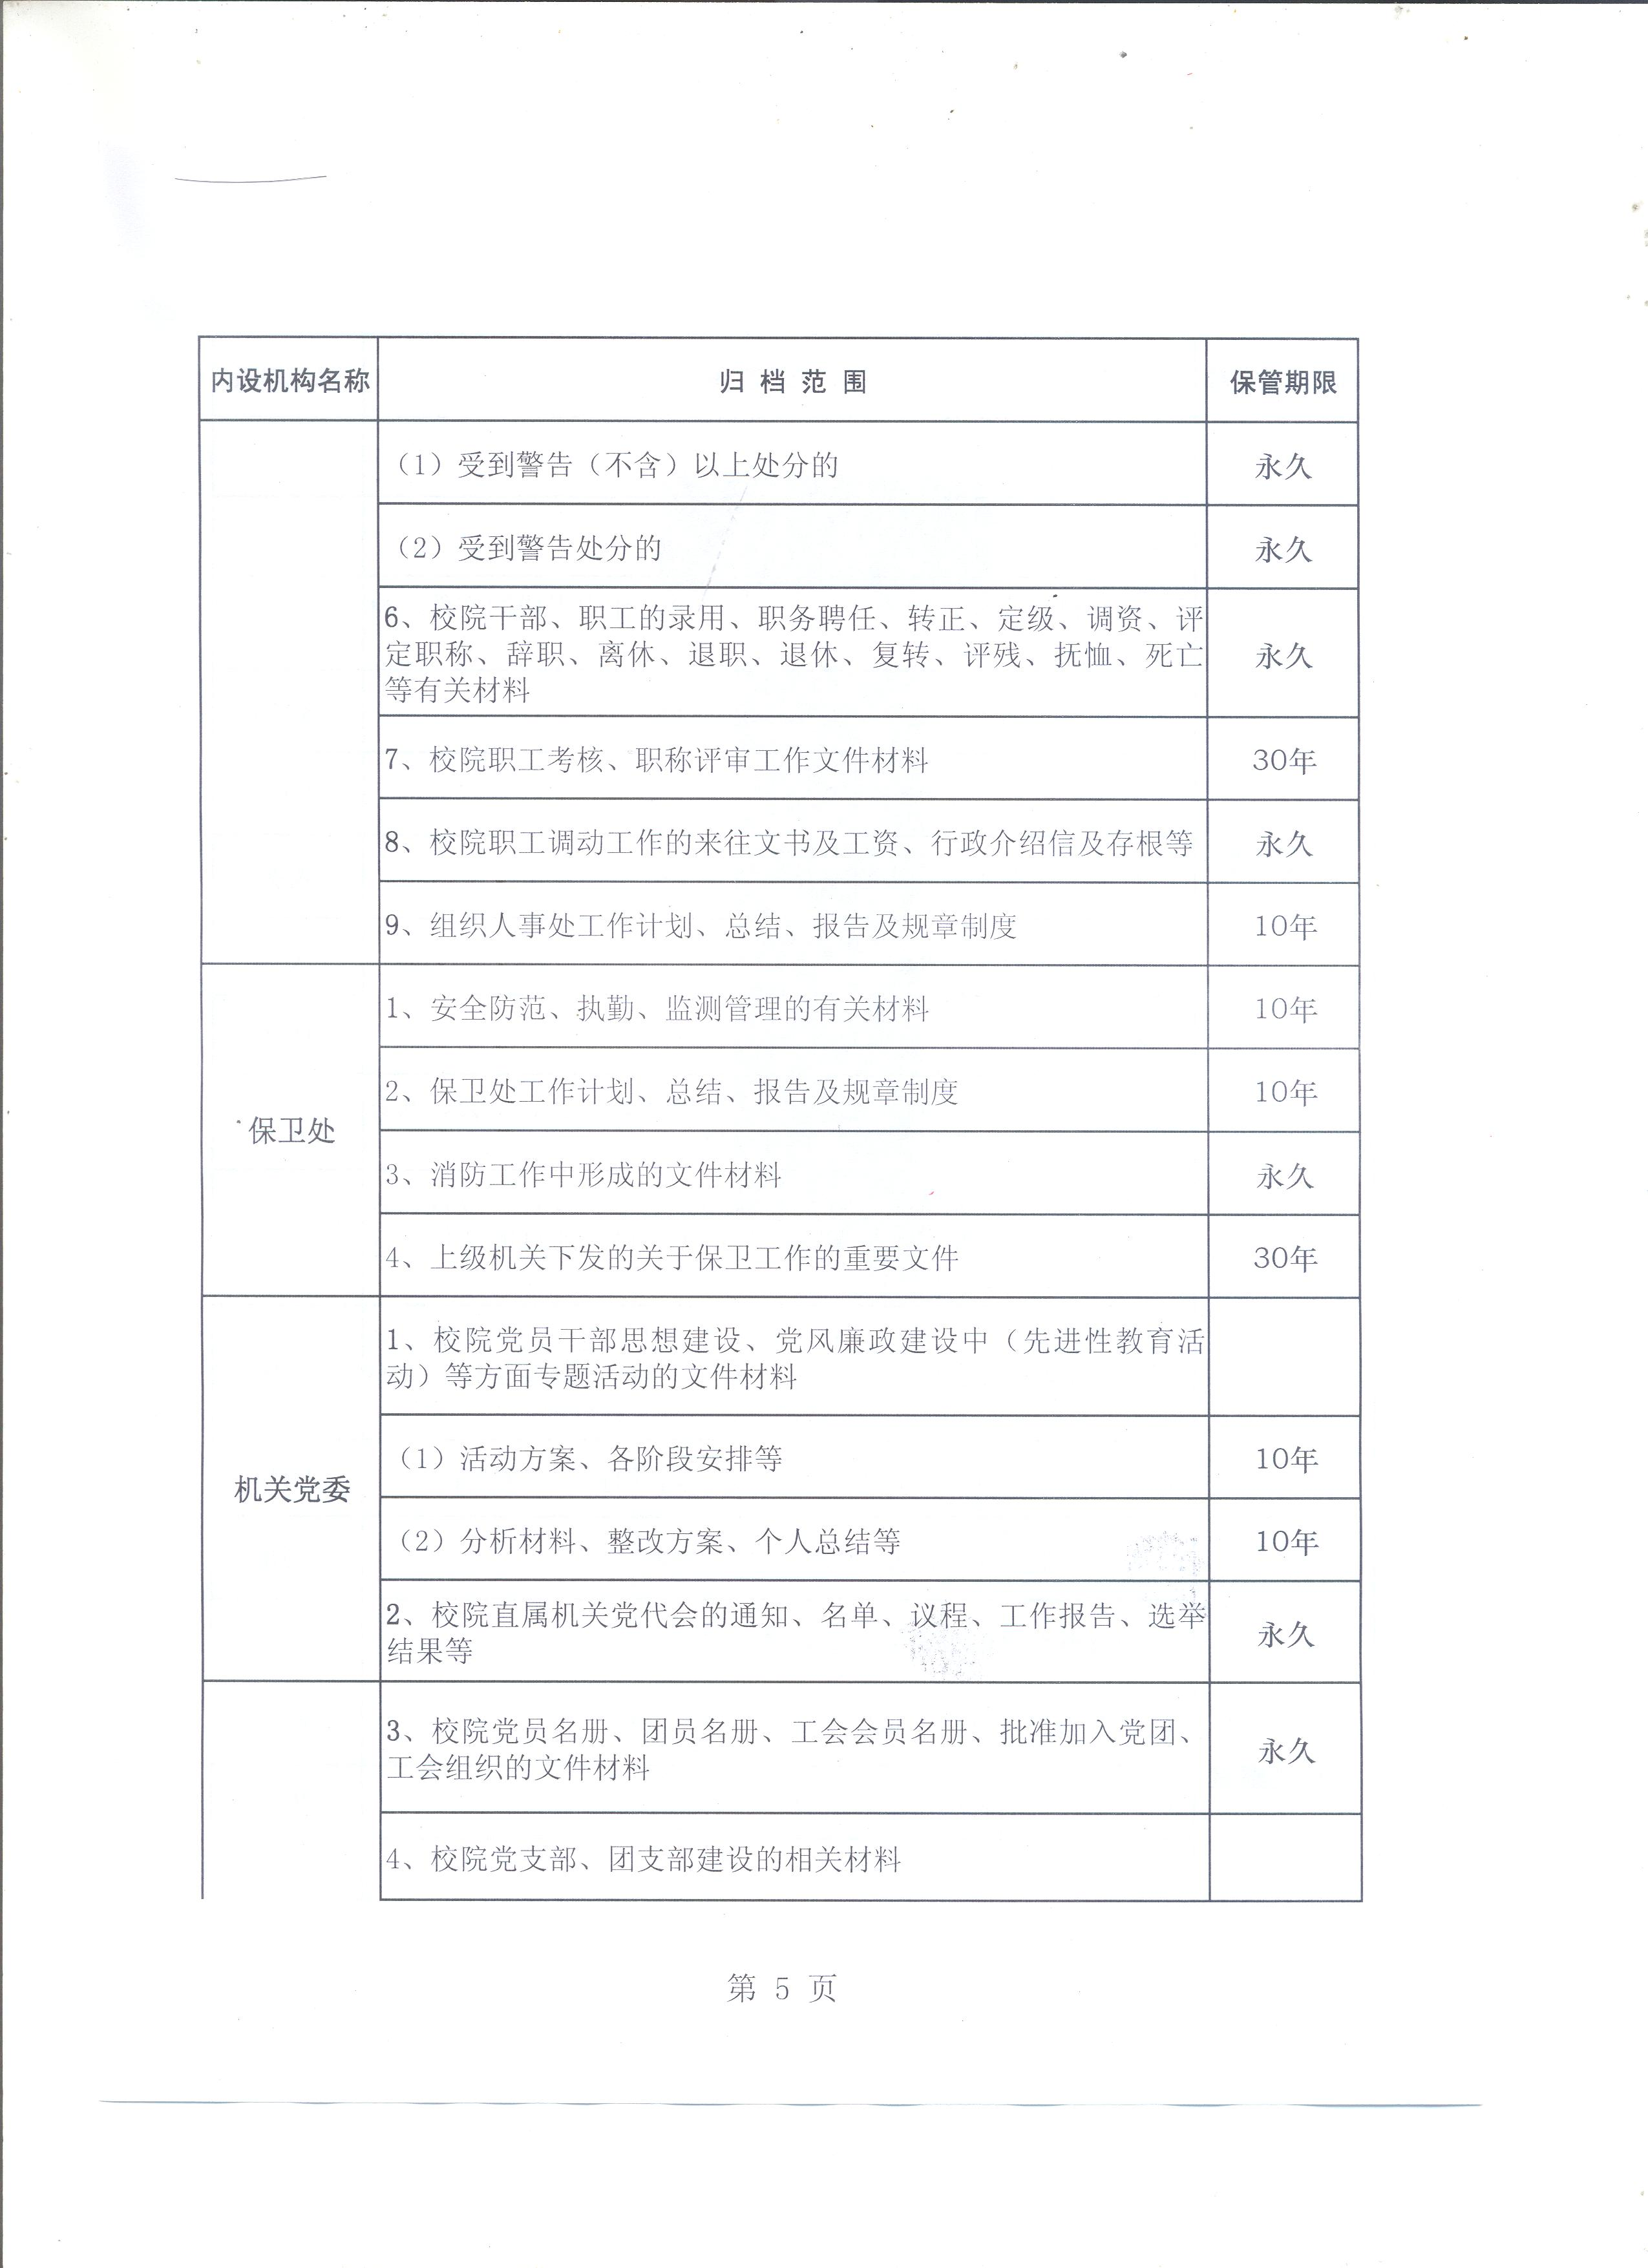 中共四川省委党校四川行政学院关于印发《文